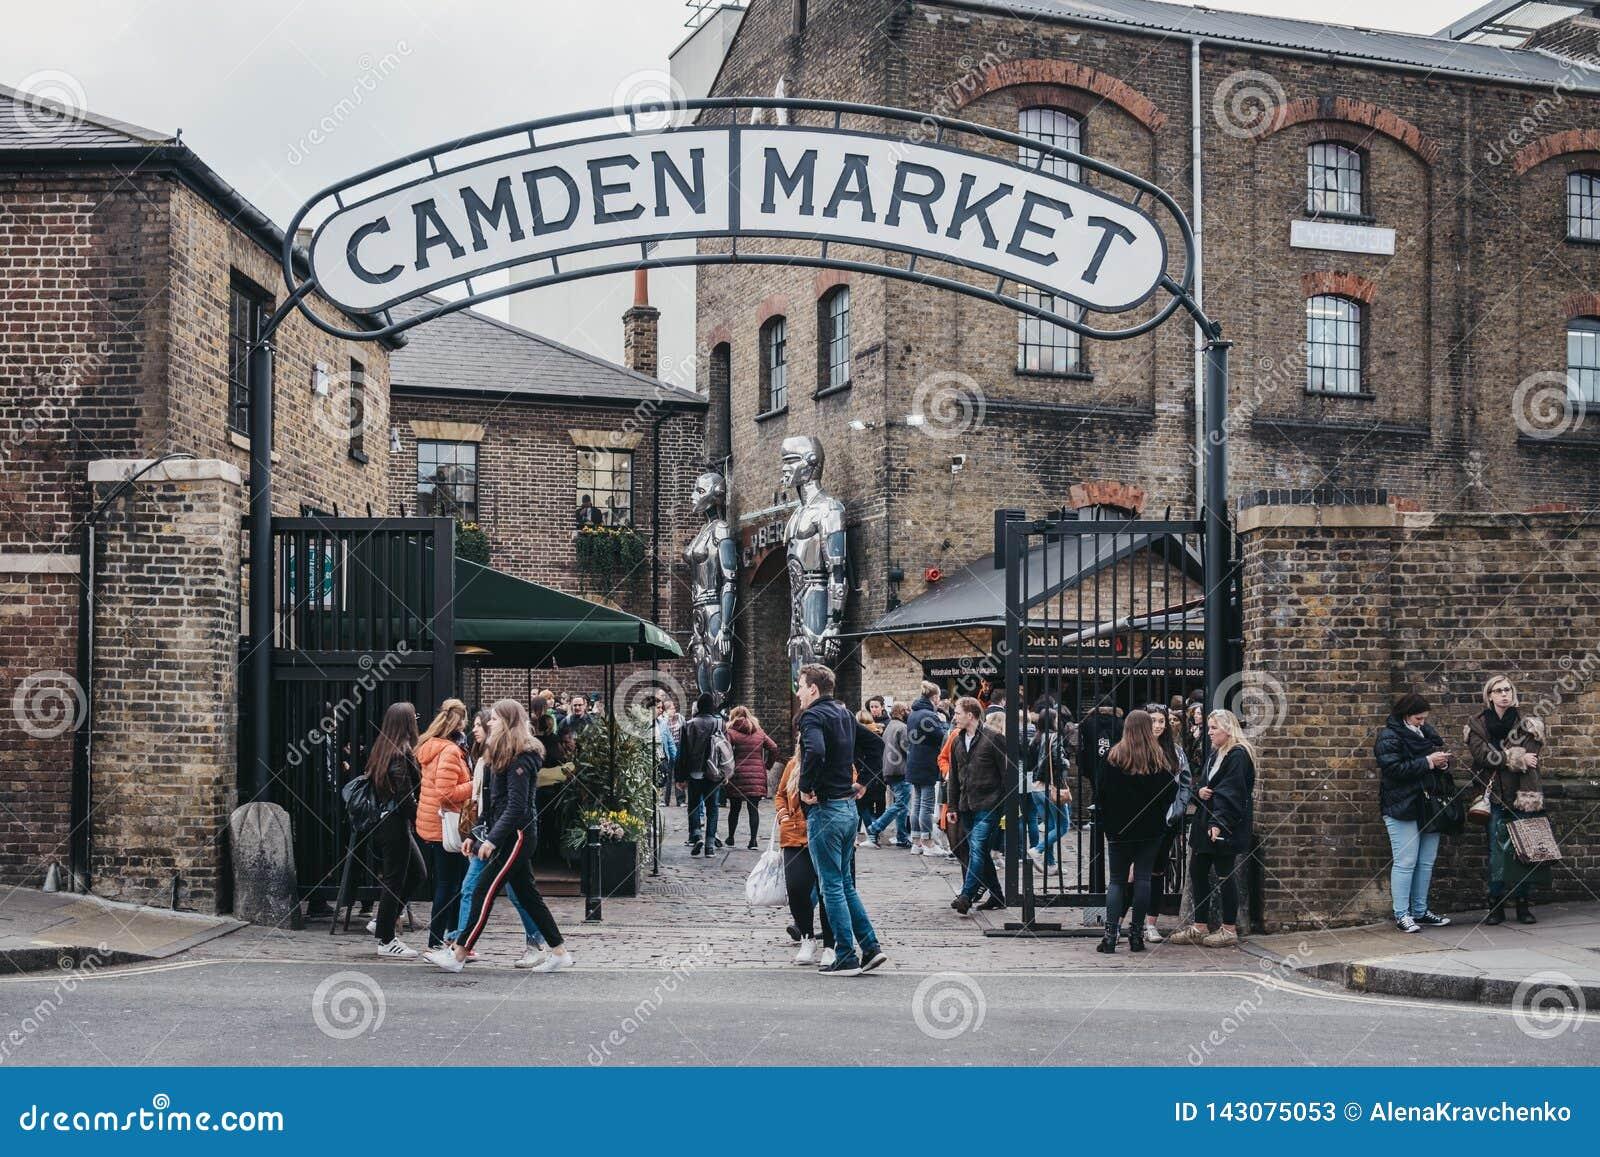 Les gens présentant Camden Market, Londres, R-U, par les portes, sous un signe de nom